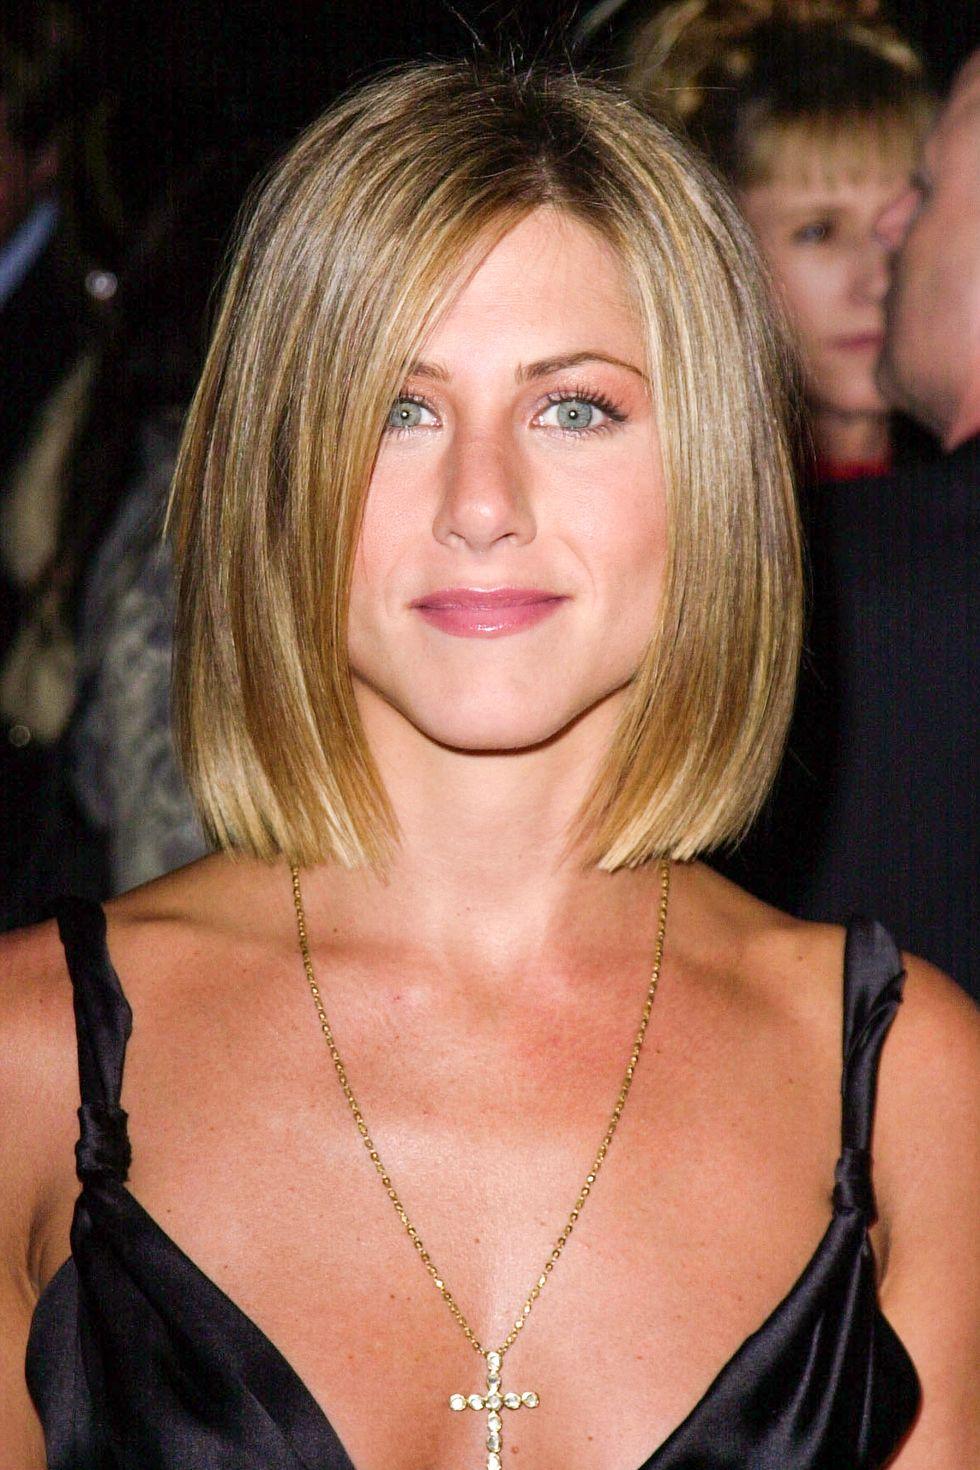 Aniston tại lễ trao giải People's Choice Awards với kiểu tóc bob uốn cụp (sau này trở thành vấn đề tiêu chuẩn kiểu tóc Jenner-Hadid mùa hè 2017).